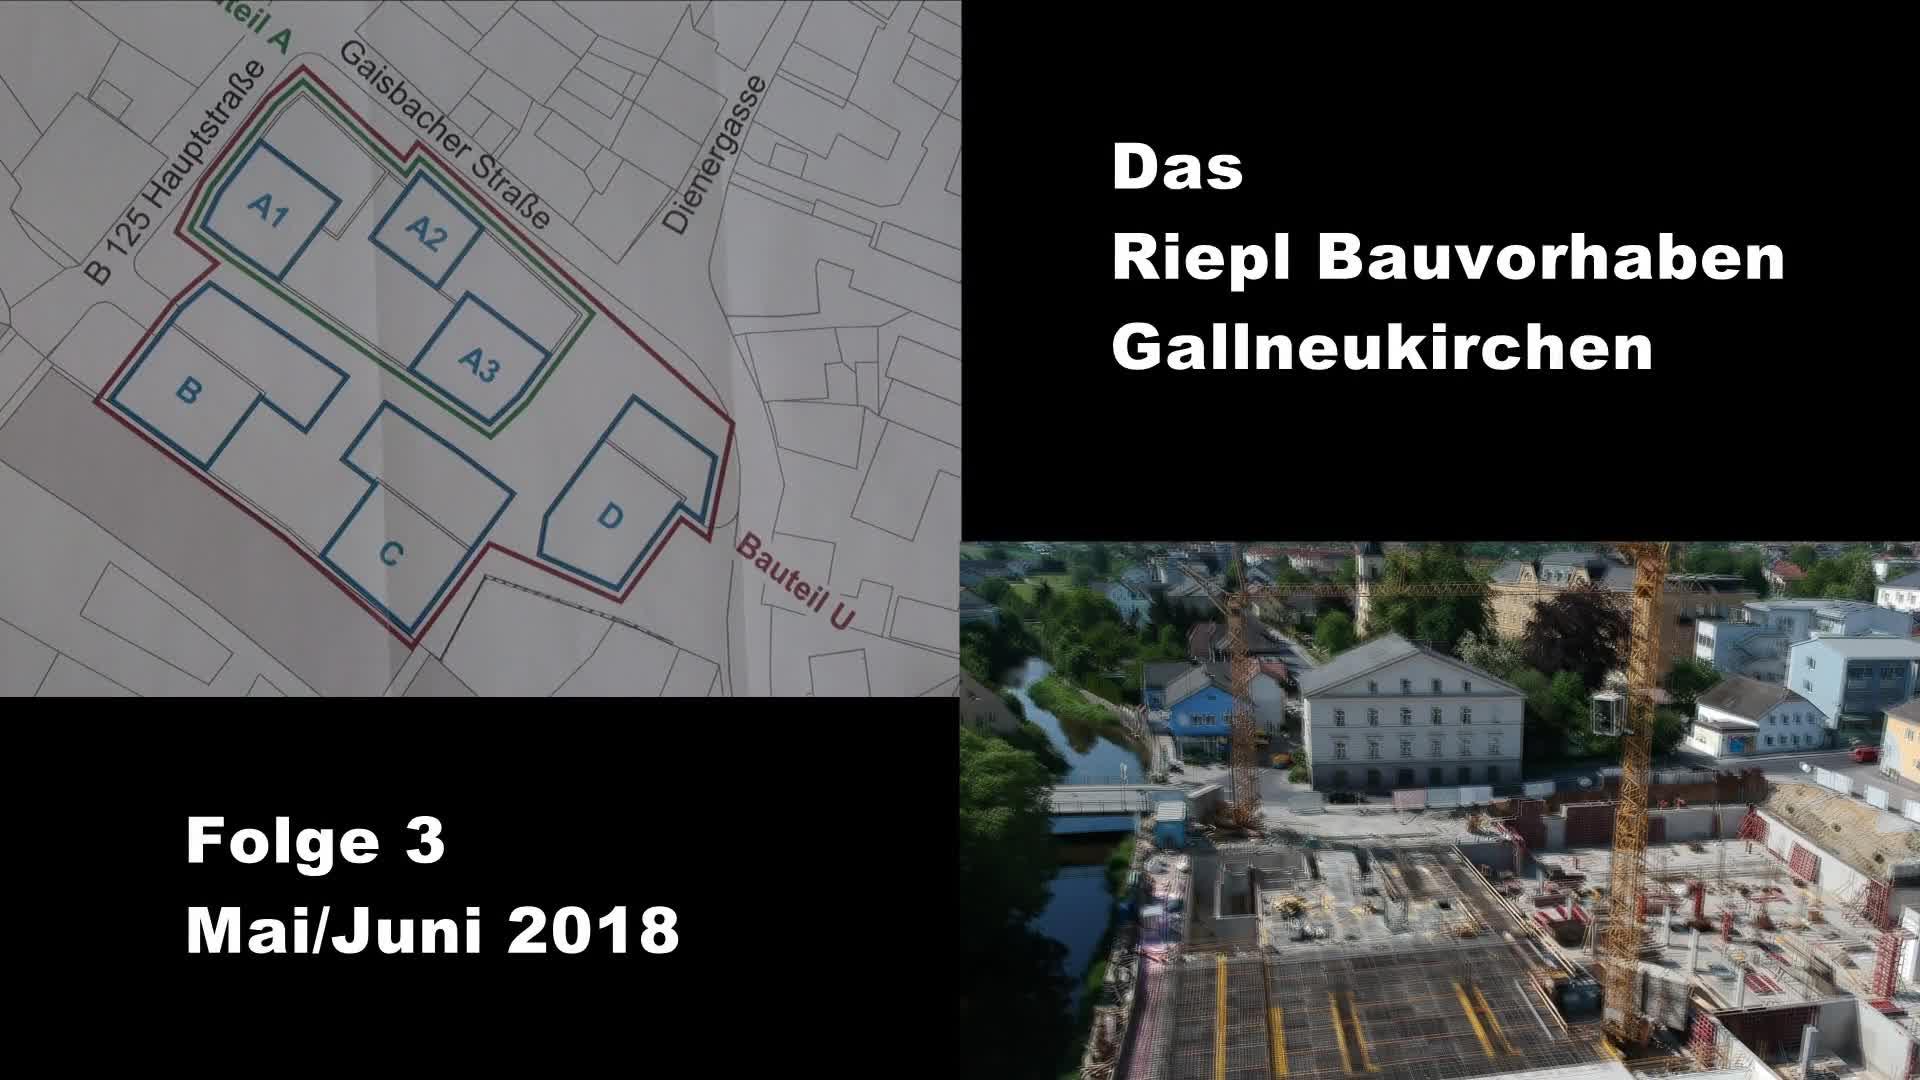 Riepl-Bauvorhaben, Folge 3